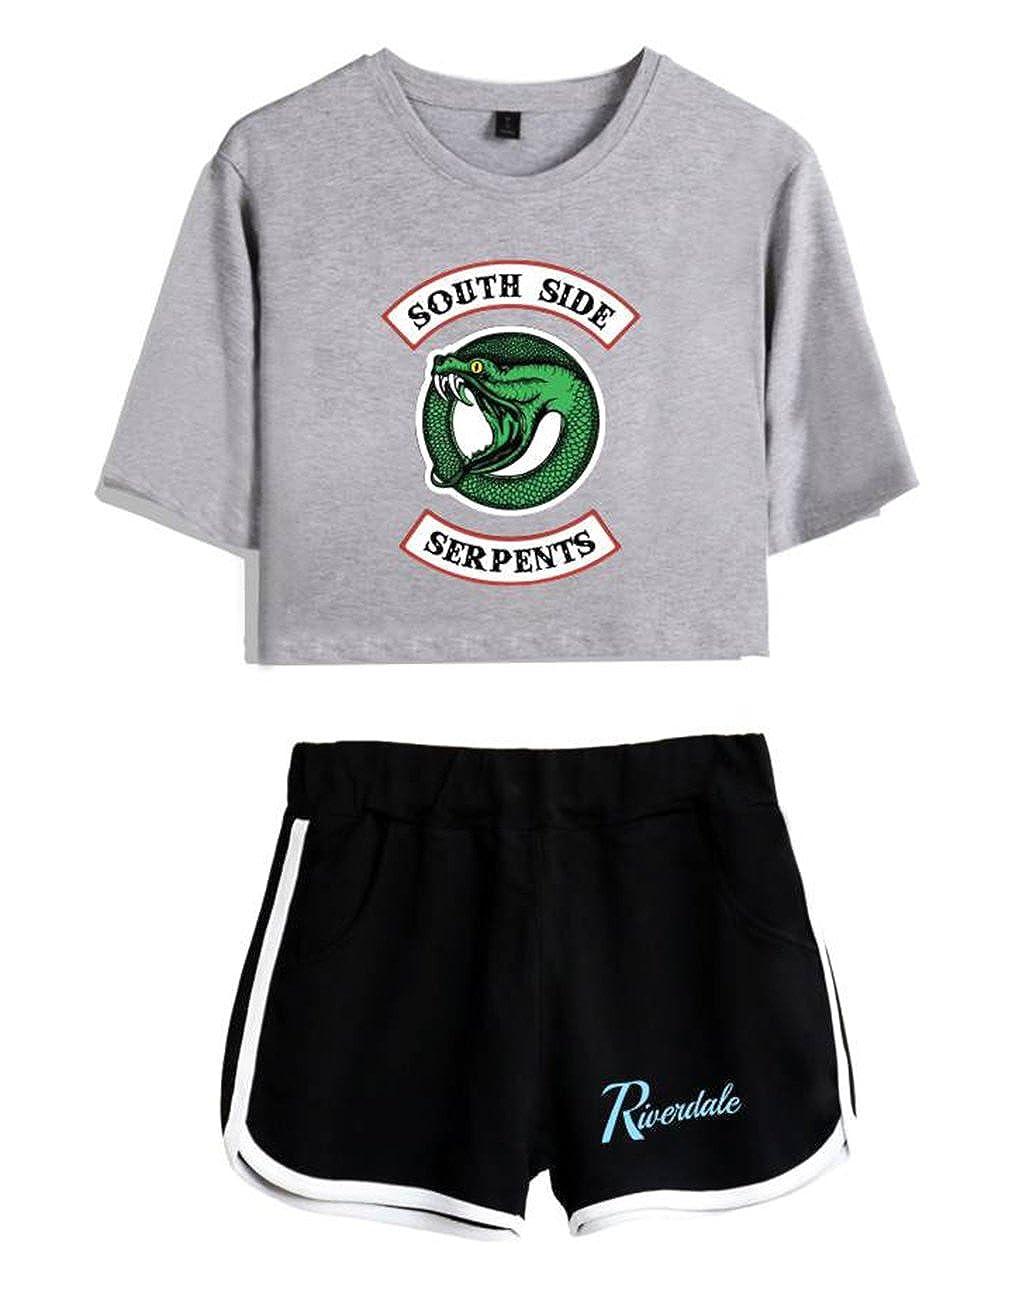 ZIGJOY Riverdale Crop Top T-Shirts und Shorts Kleidung Anzug für Mädchen und Frauen ZZIGJ-FRI-Riverdale-SUIT-W1